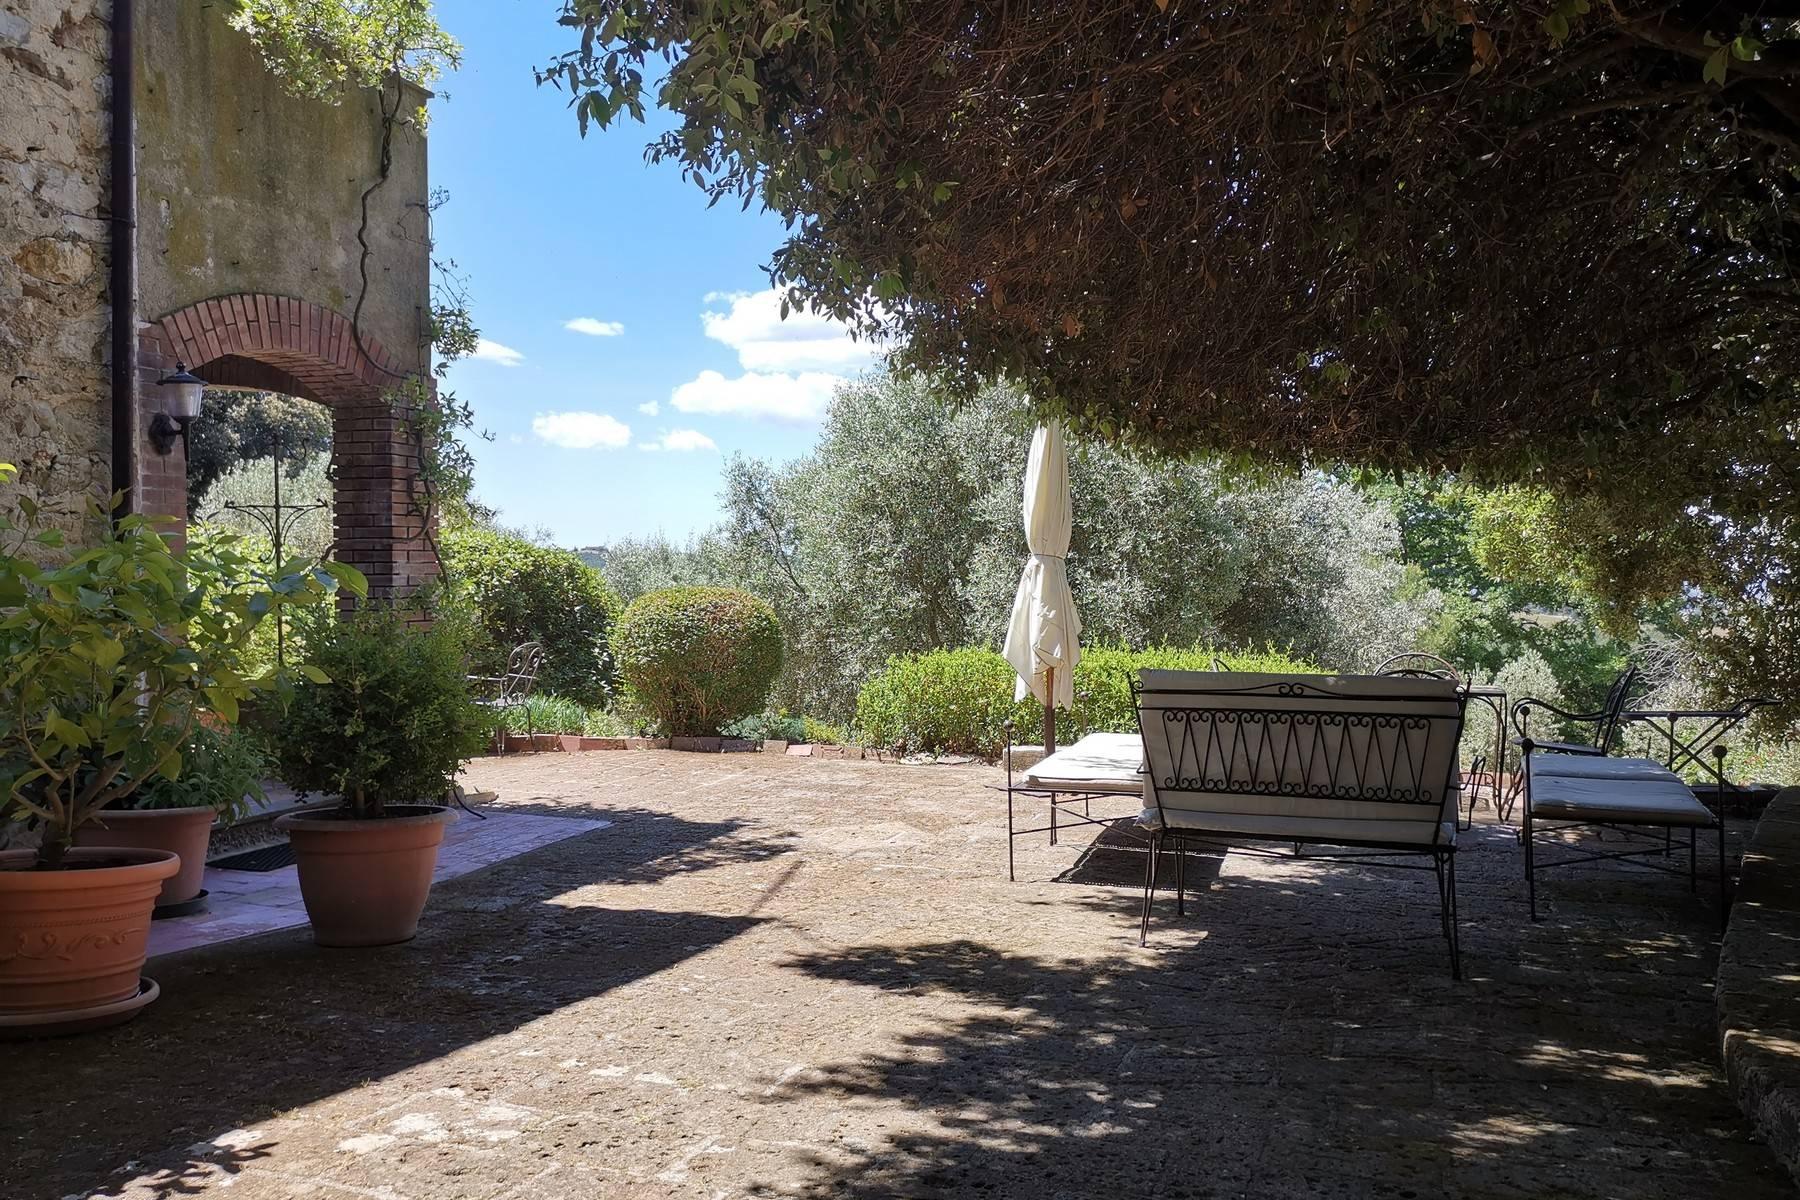 Casa indipendente in Vendita a Manciano: 5 locali, 240 mq - Foto 5